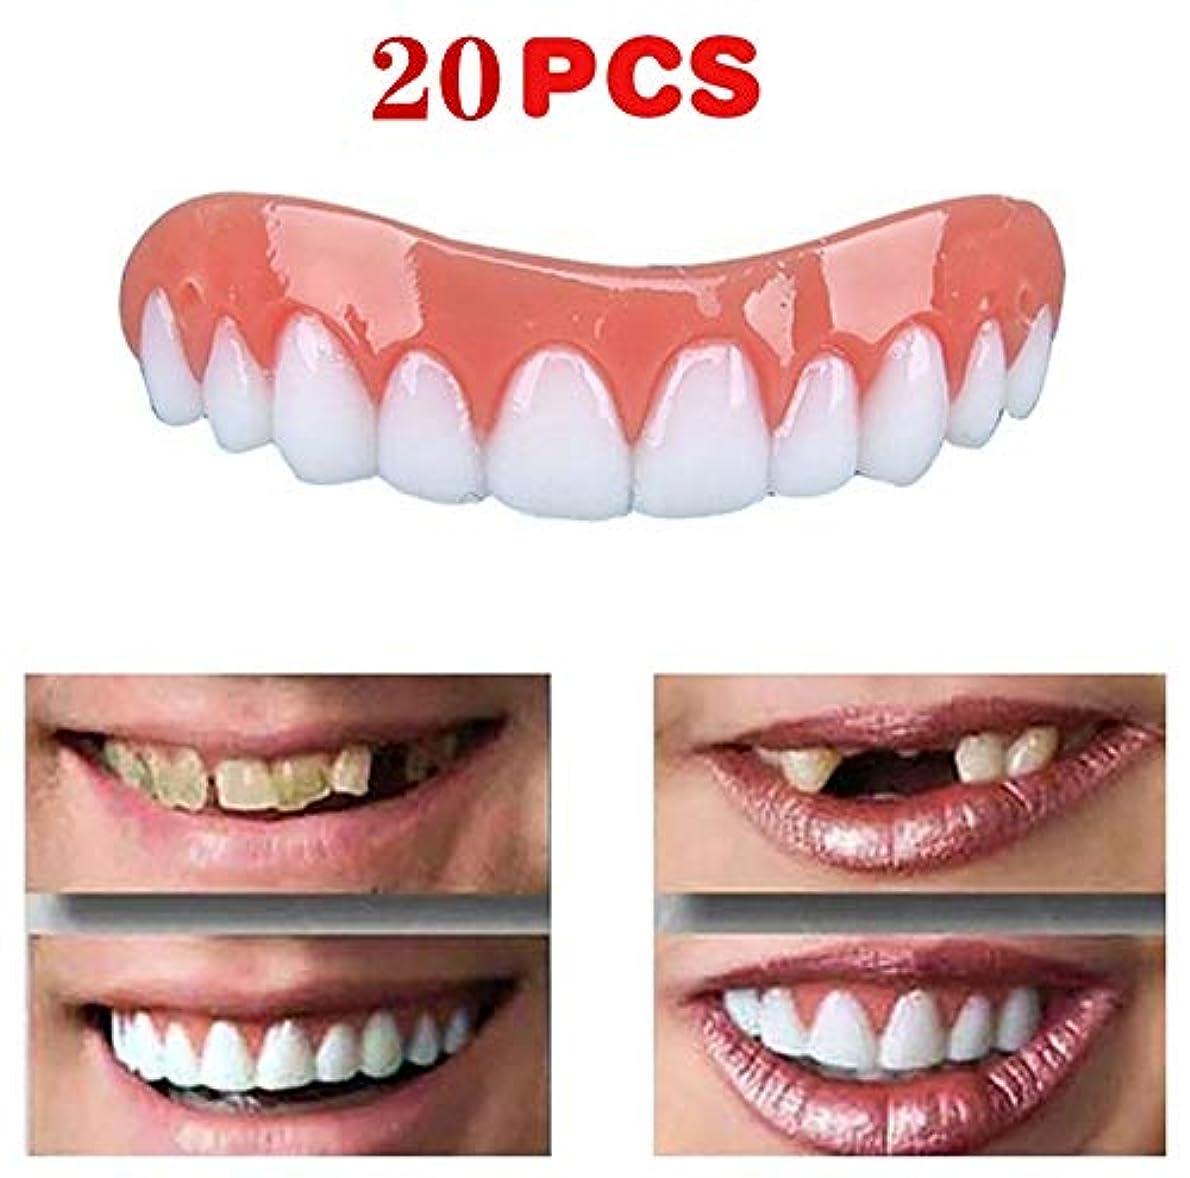 文明初期ディレクトリ20ピース新しい再利用可能な大人のスナップオンパーフェクトスマイルホワイトニング義歯フィットフレックス化粧品歯快適な突き板カバーデンタルケアアクセサリー